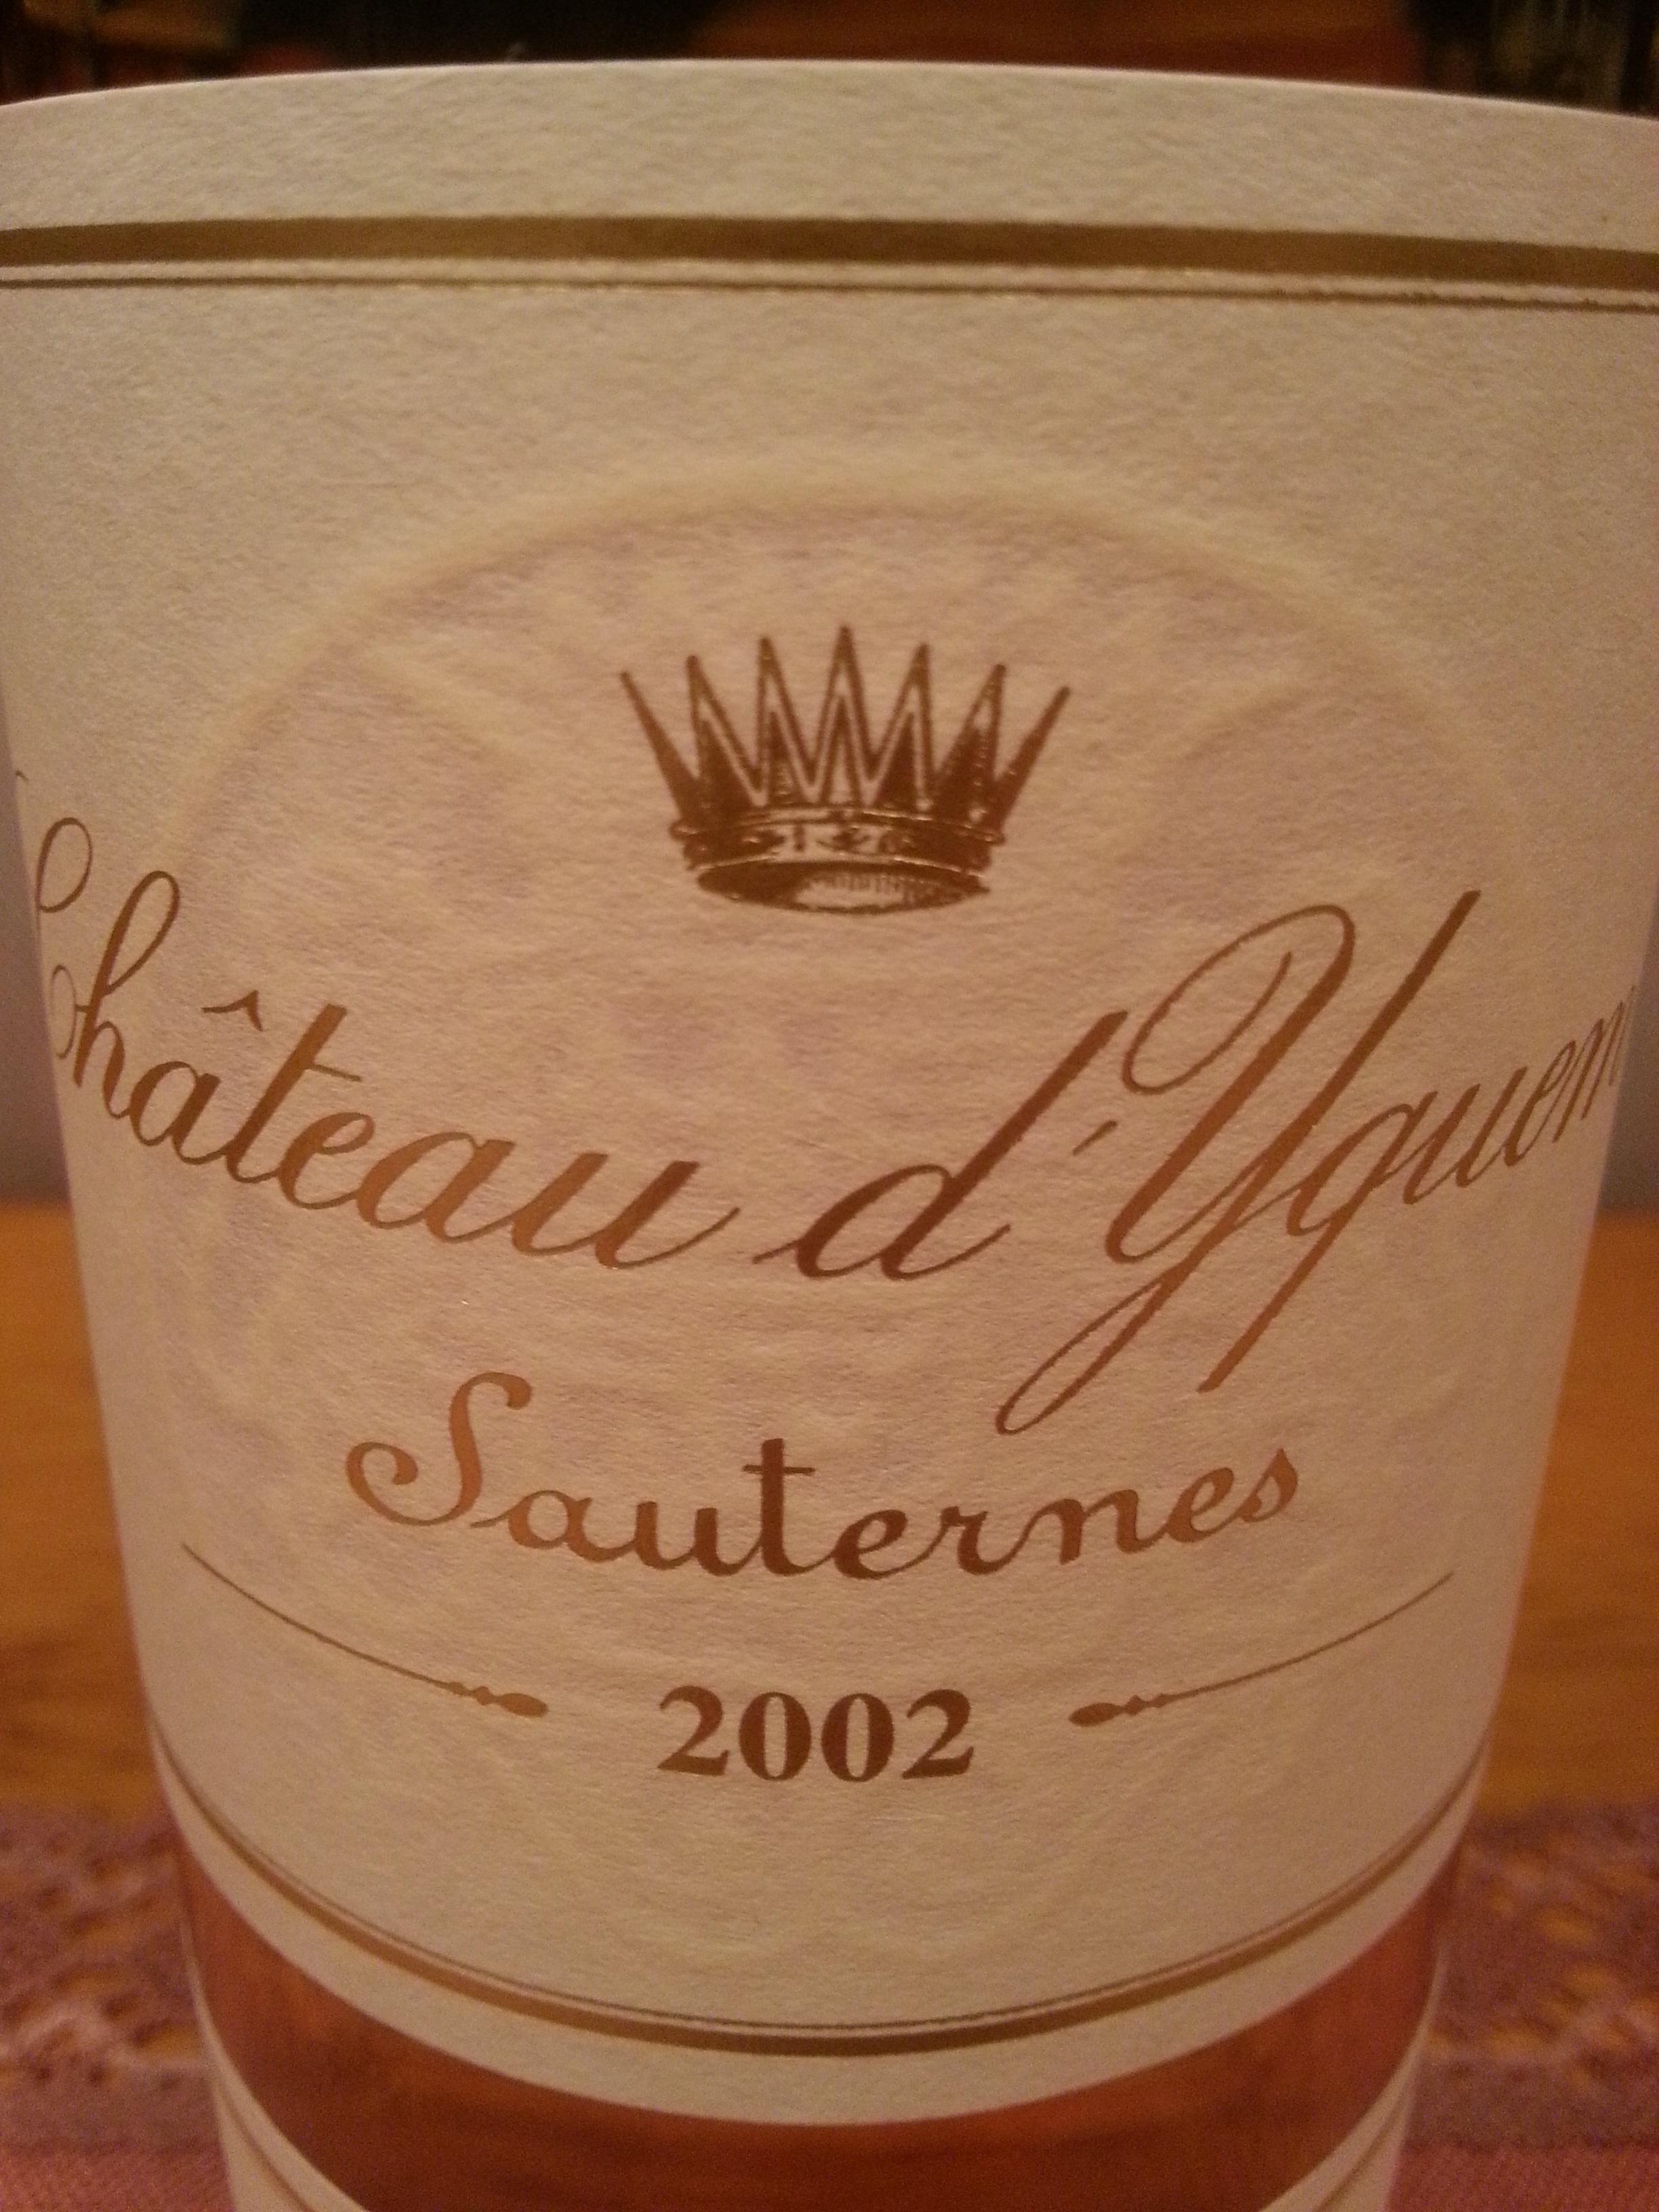 2002 Yquem   Château d'Yquem